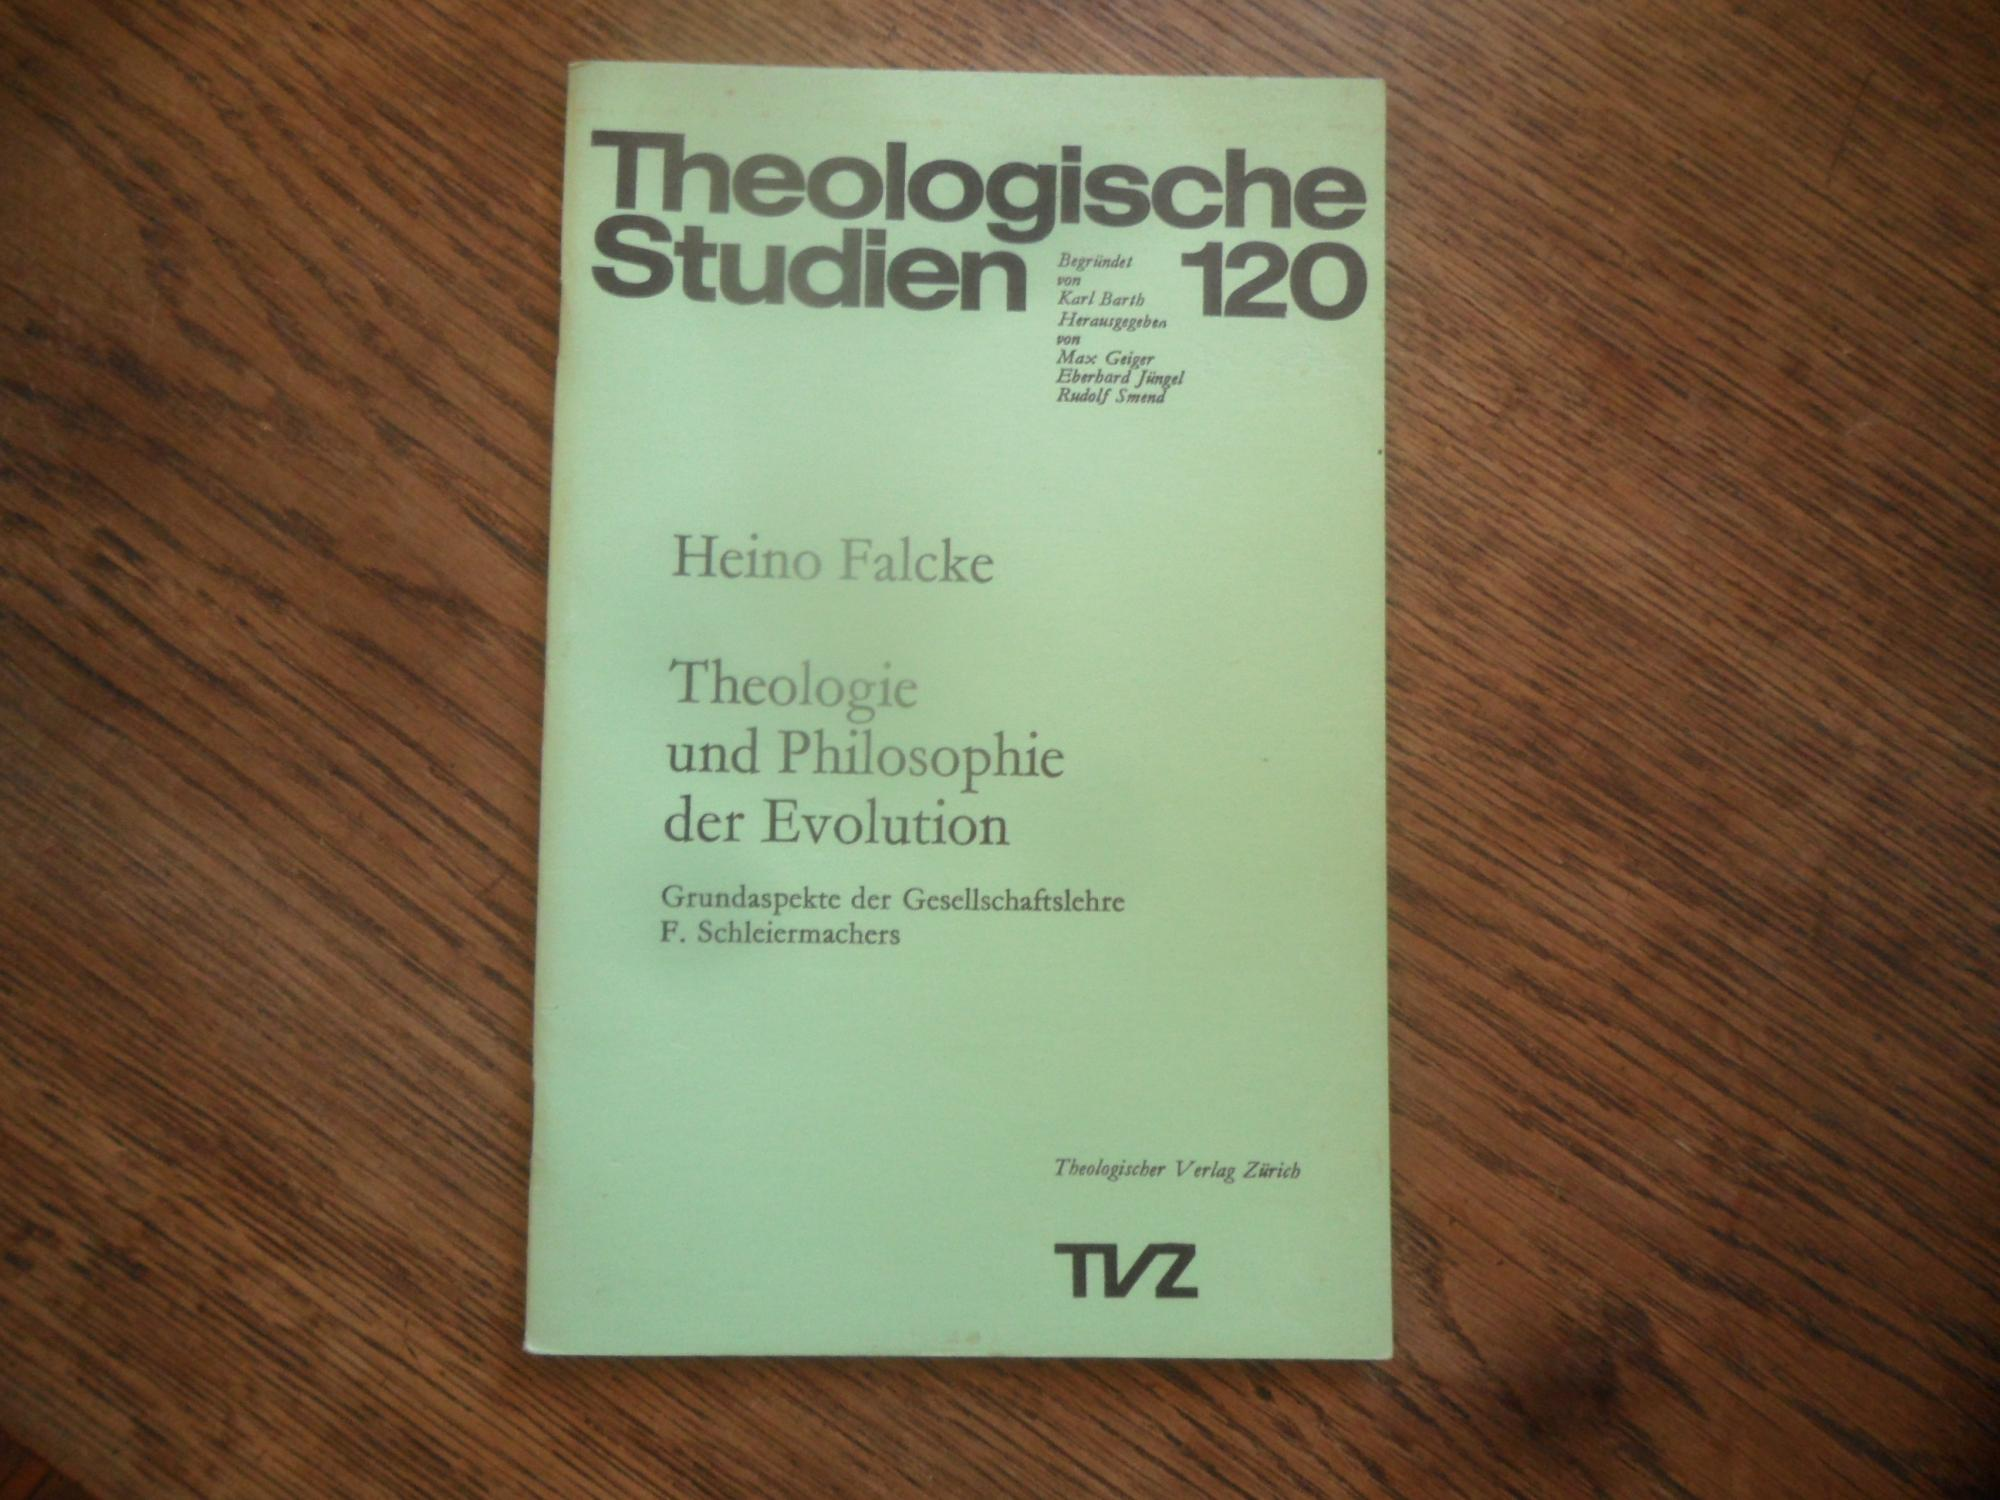 Theologie und Philosophie der Evolution. Grundaspekte der: Falcke, Heino: